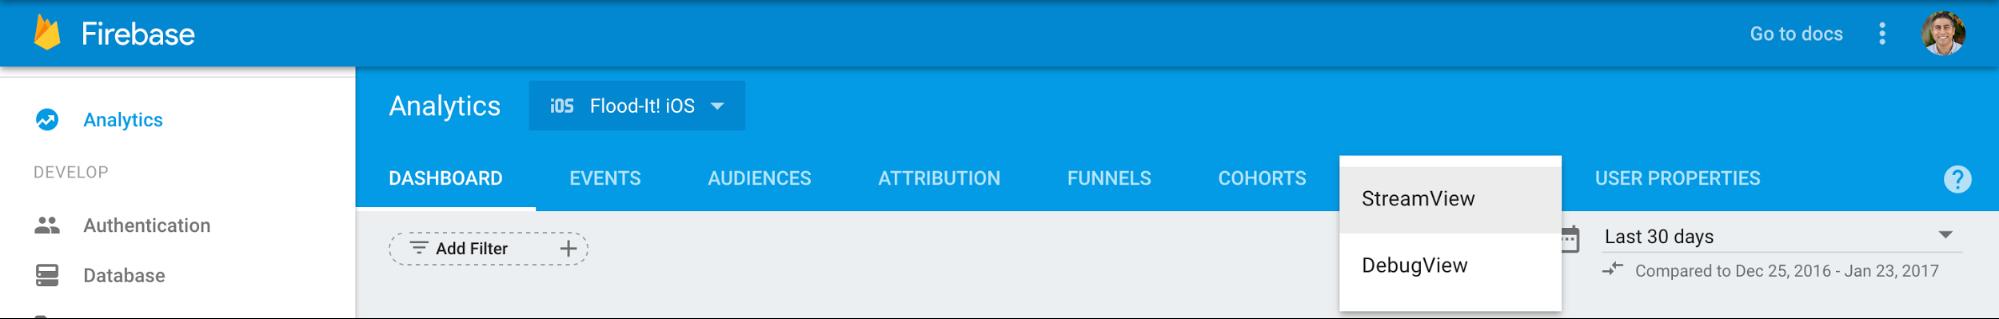 Buka DebugView dengan memilih tanda panah di samping StreamView pada panel navigasi atas di Google Analytics, lalu pilih DebugView